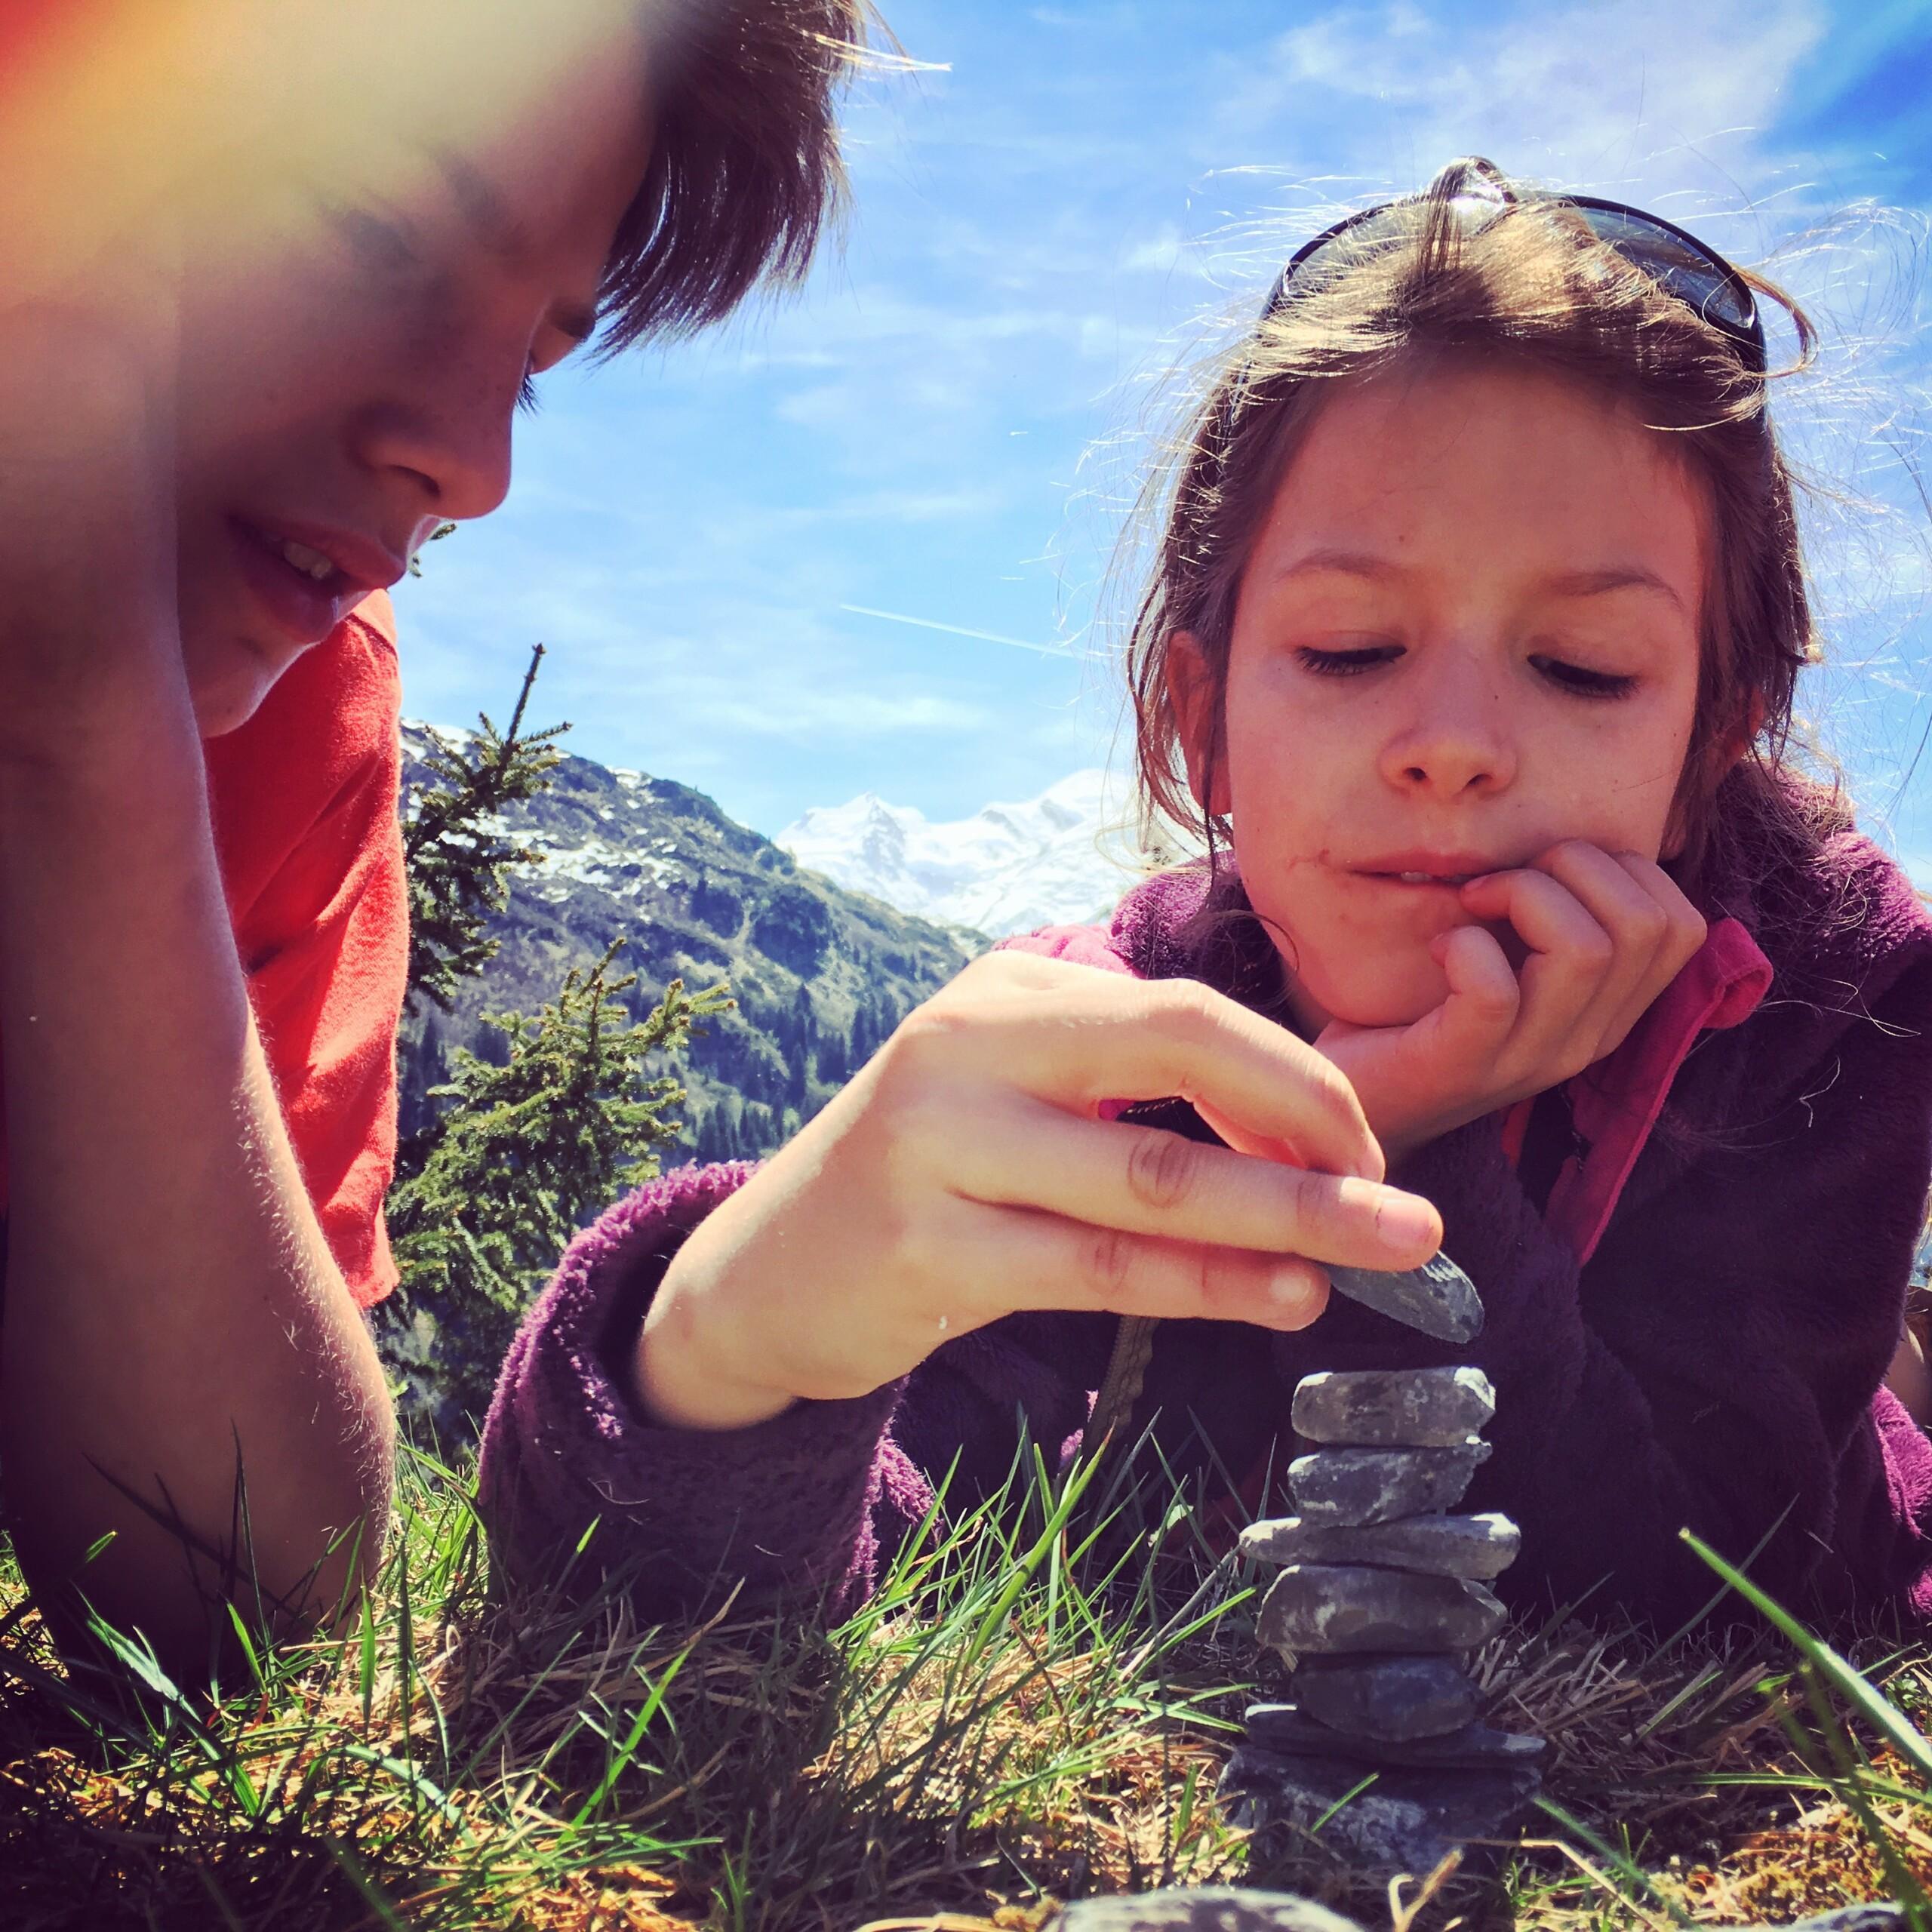 Jouer dans la nature - jeu du petit cairn - ©petitbivouac